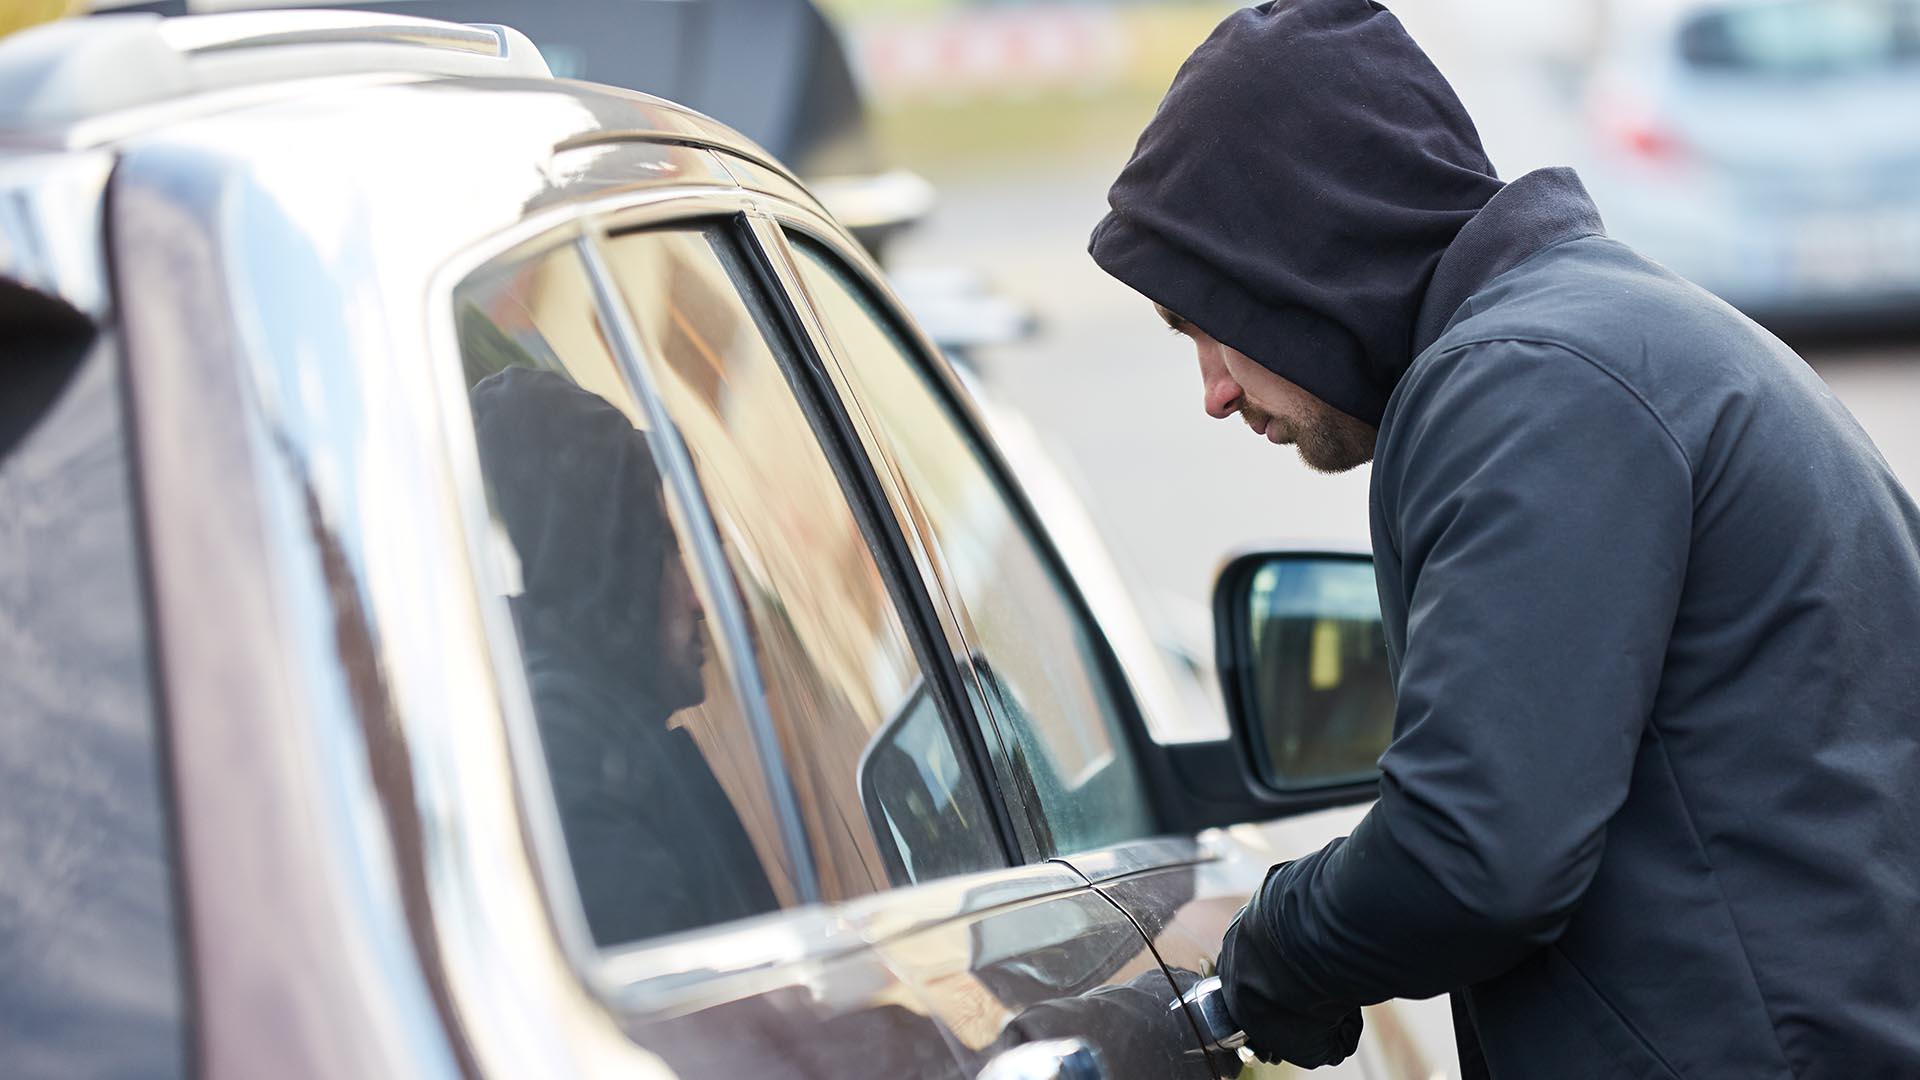 Car parts stolen